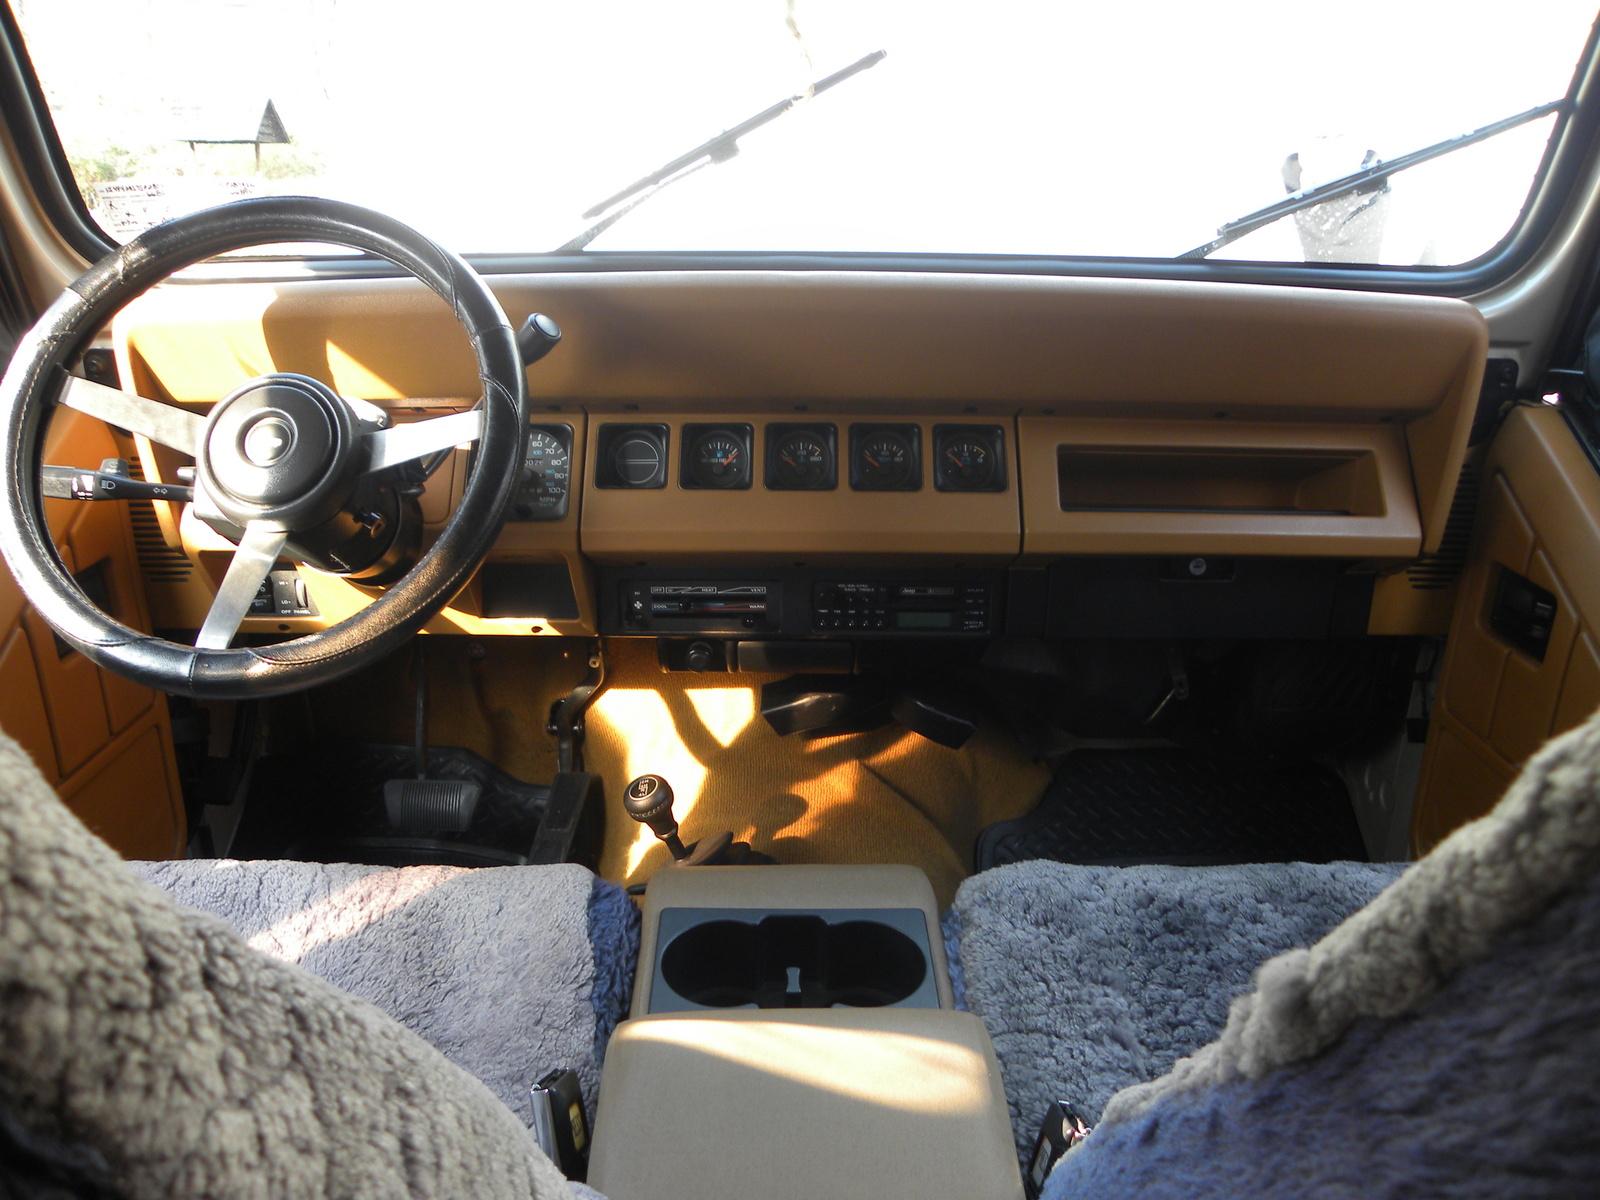 1995 Jeep Wrangler Interior Pictures Cargurus